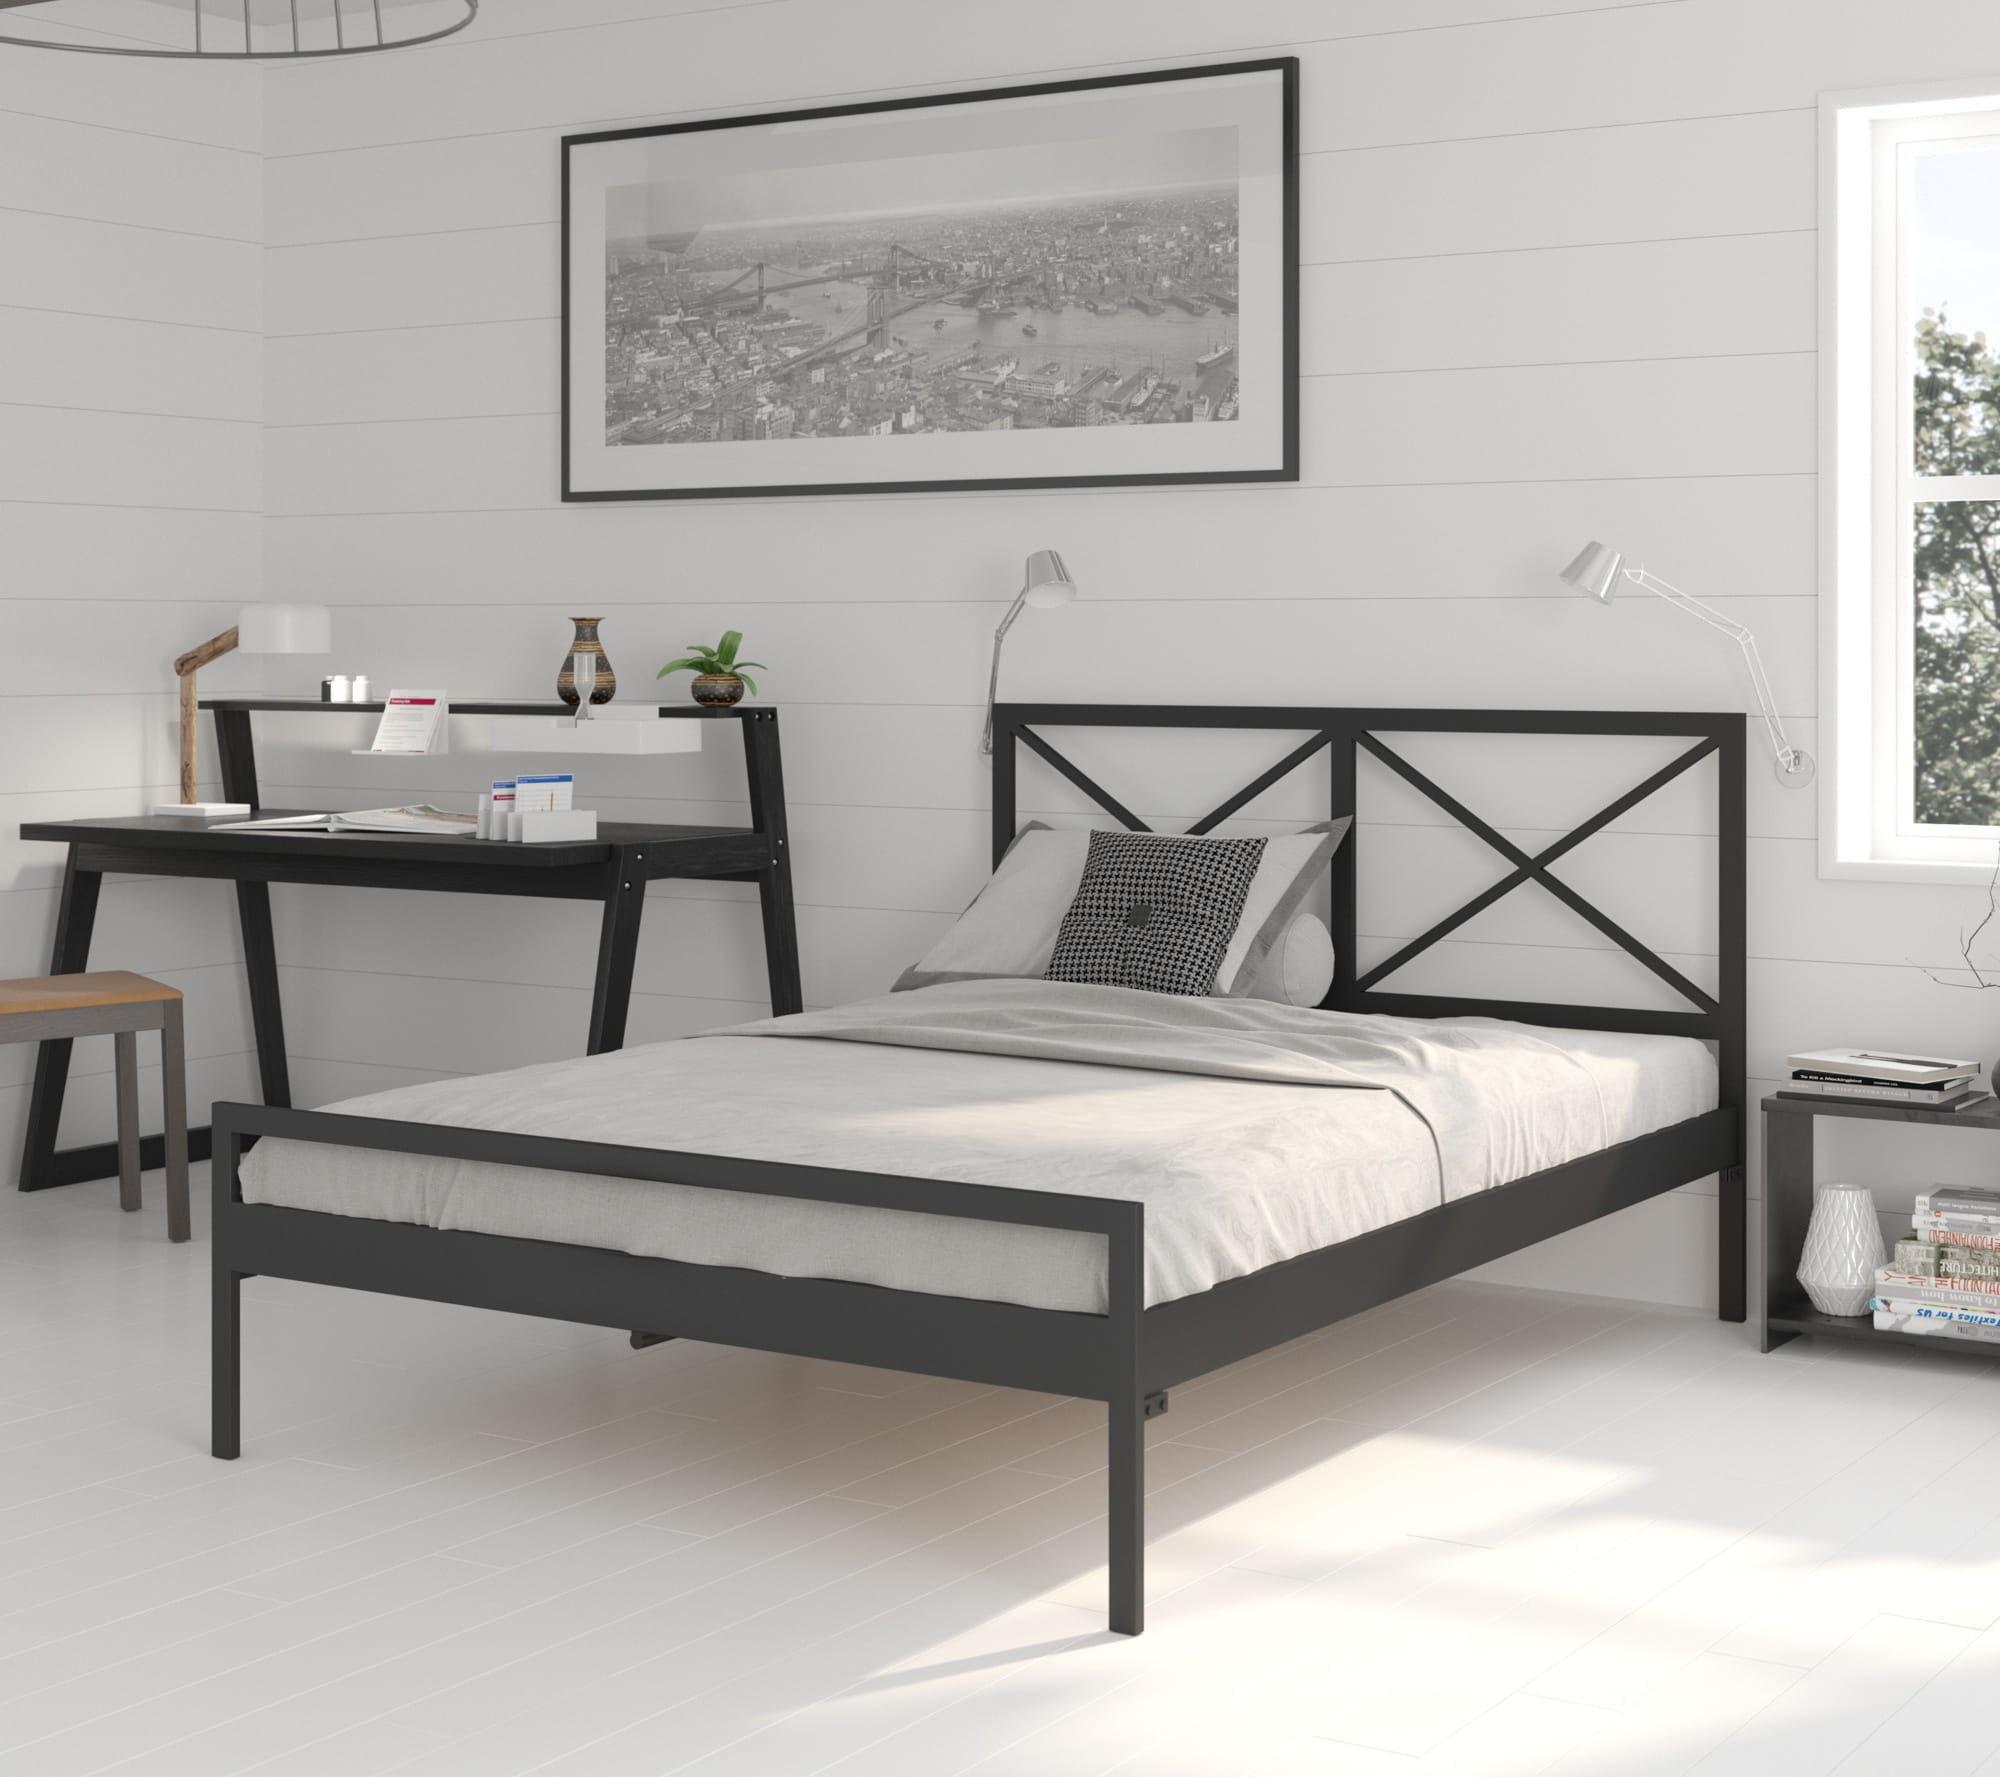 Łóżko metalowe podwójne 160 x 200 wzór 38 ze stelażem